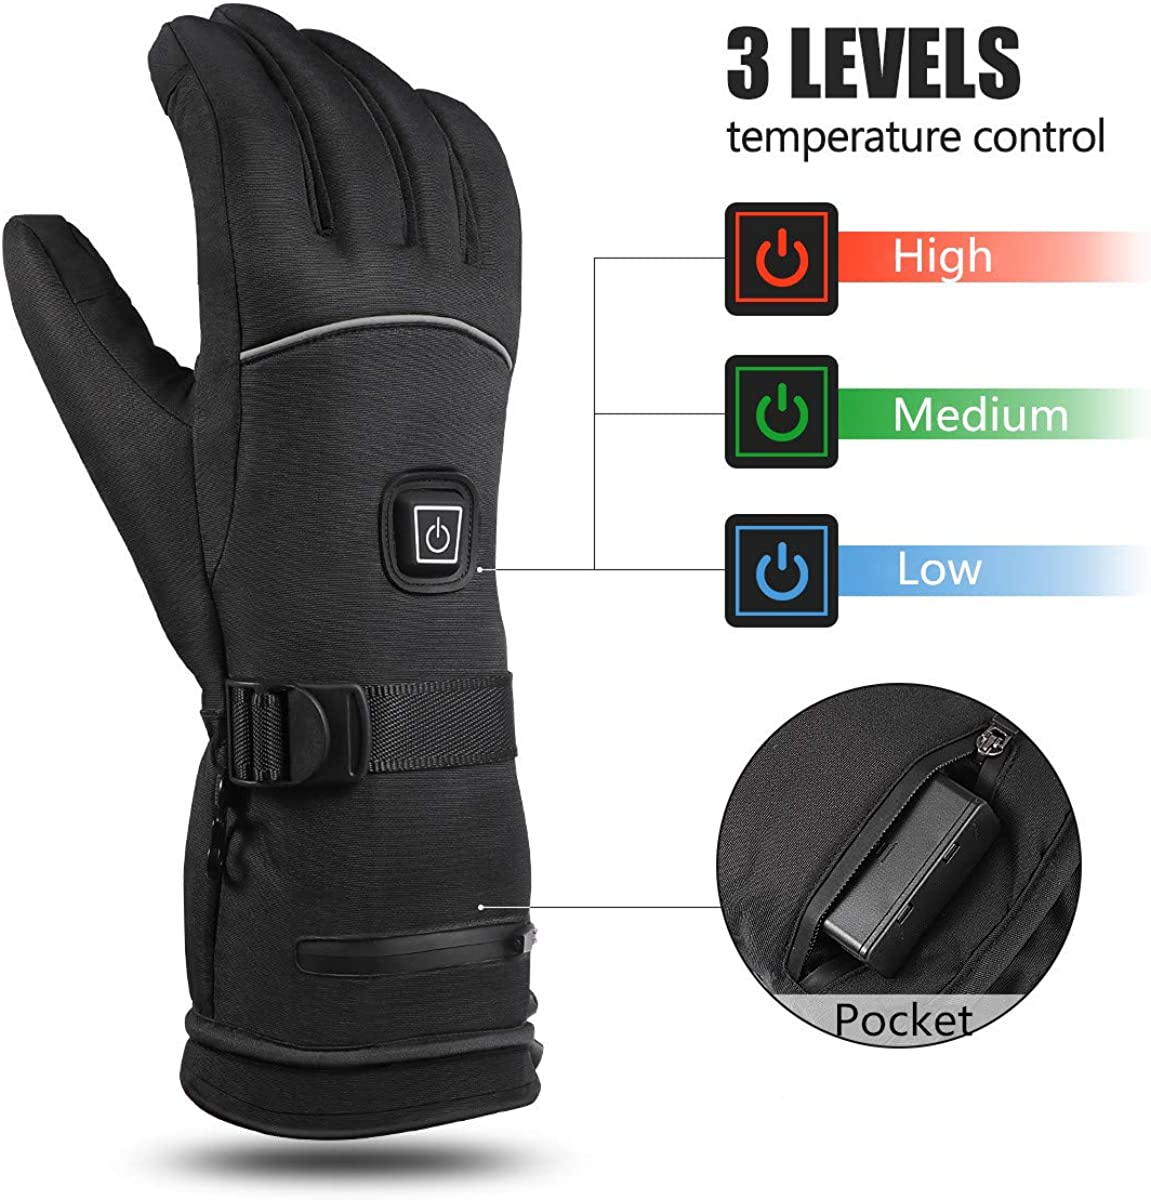 CLISPEED Touchscreen Beheizte Handschuhe Winterheizung Handw/ärmer f/ür Damen Herren Skifahren Snowboarden Radfahren Wandern